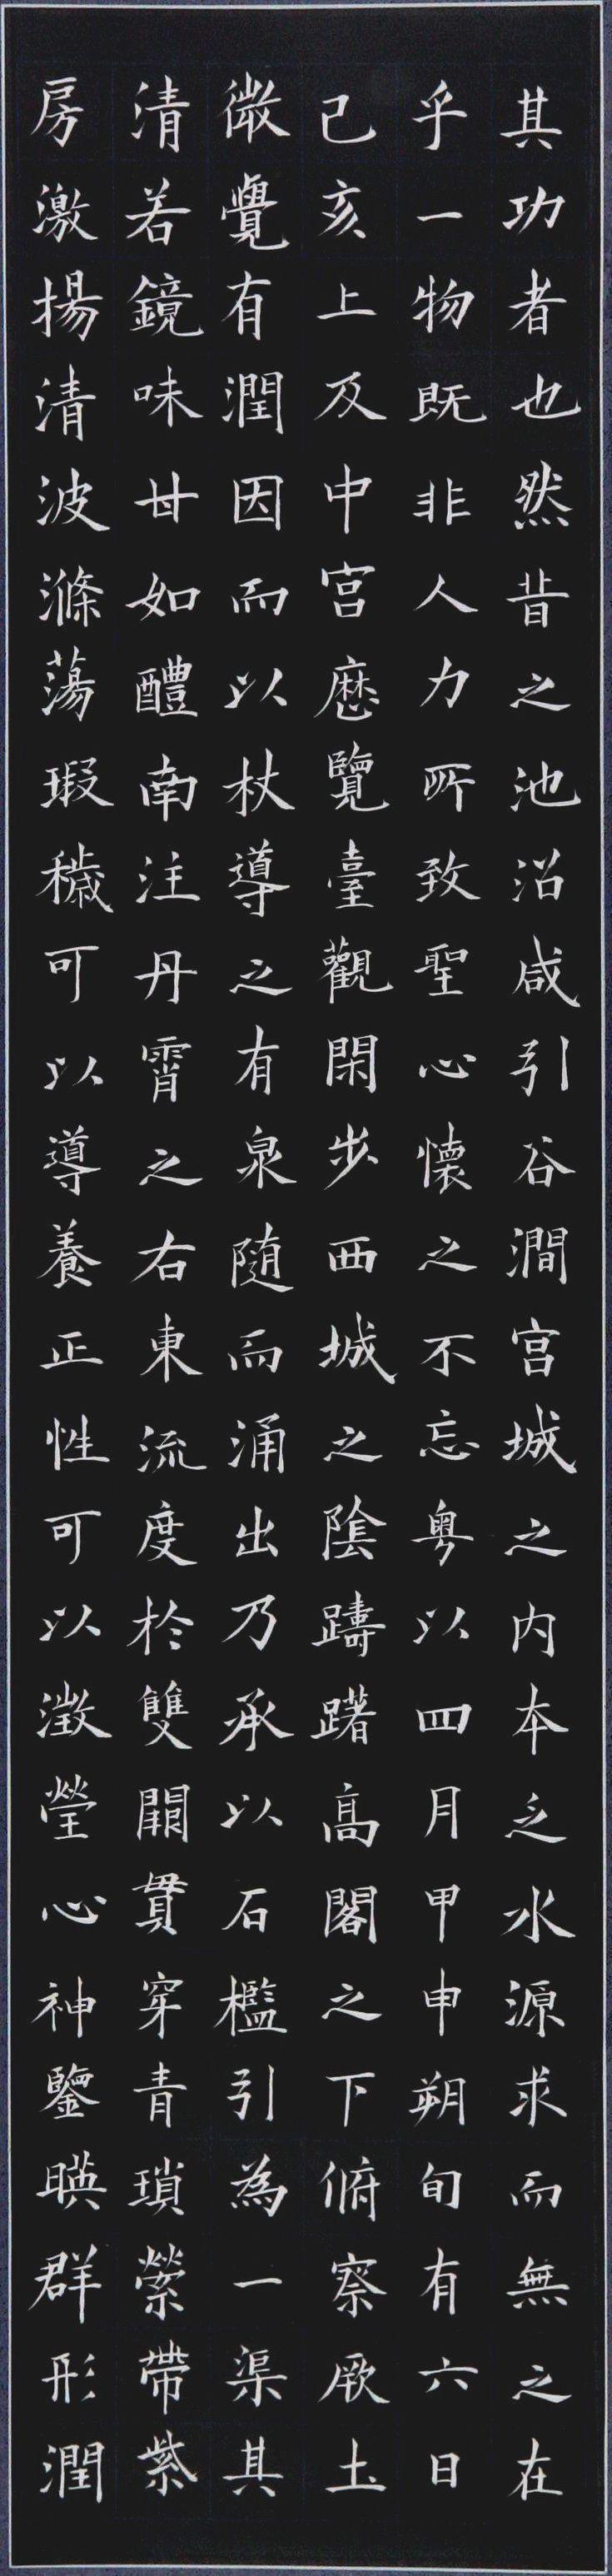 李笔戎 (5)_副本_副本_副本.jpg